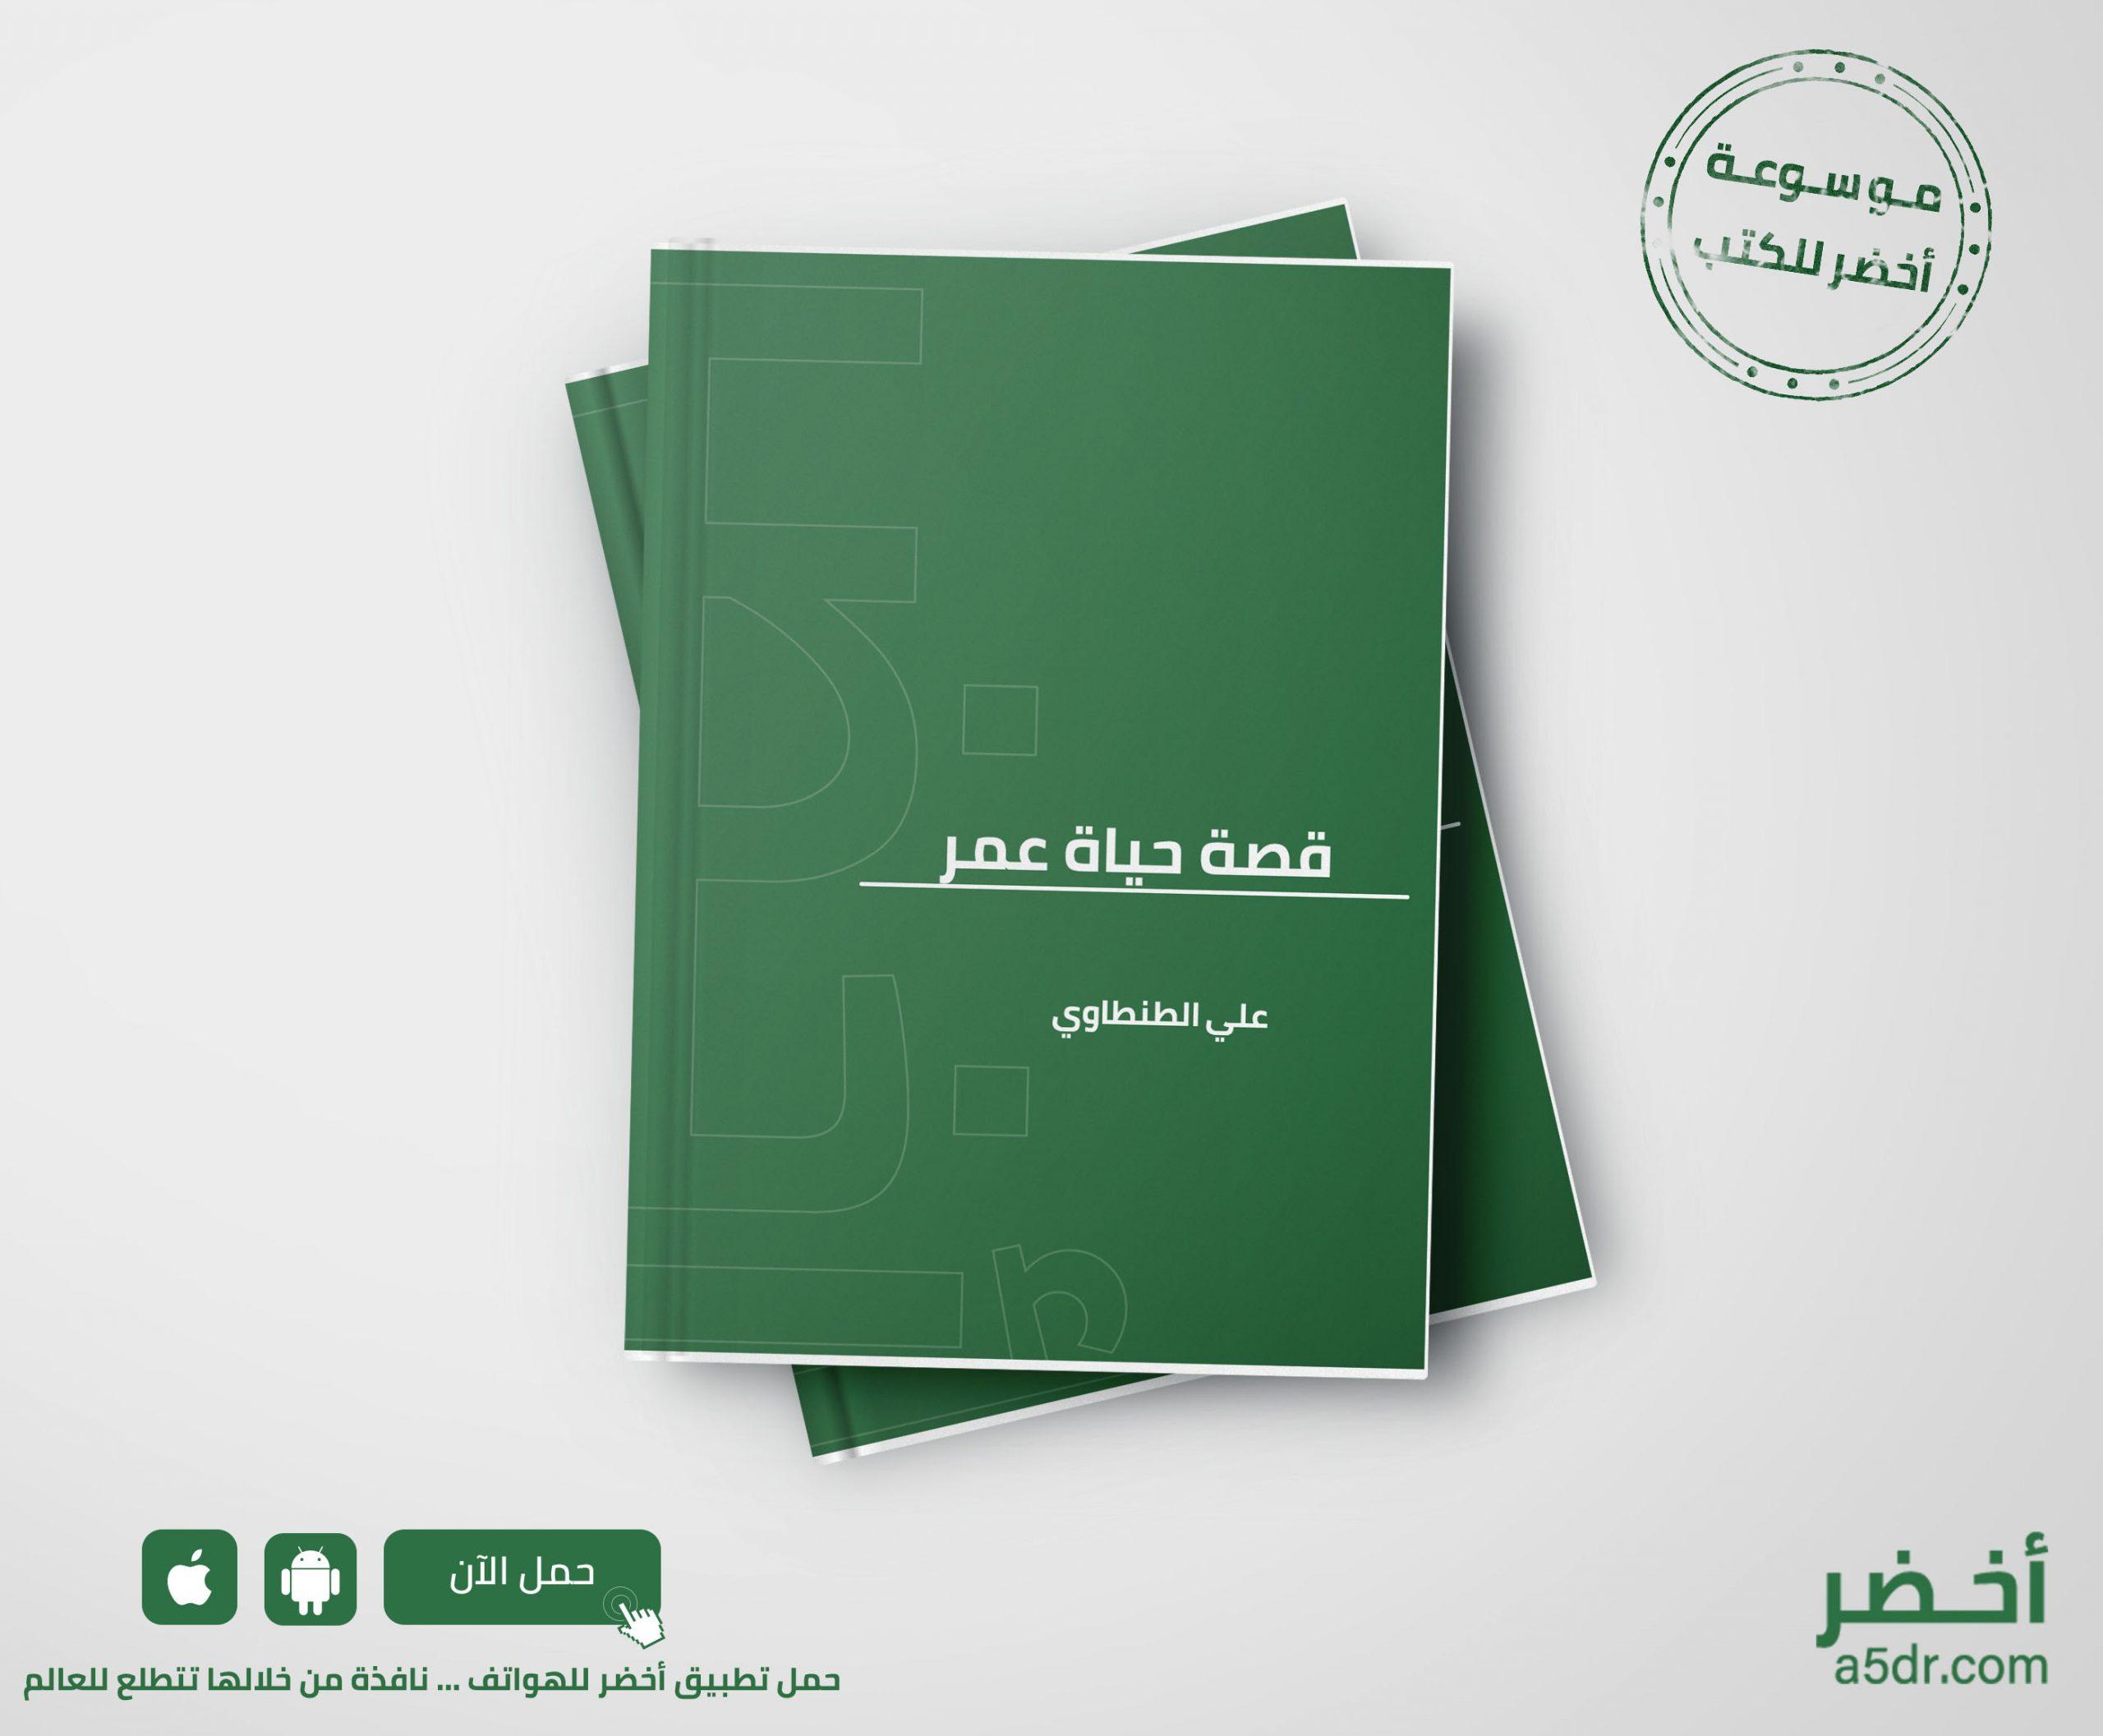 كتاب قصة حياة عمر - علي الطنطاوي